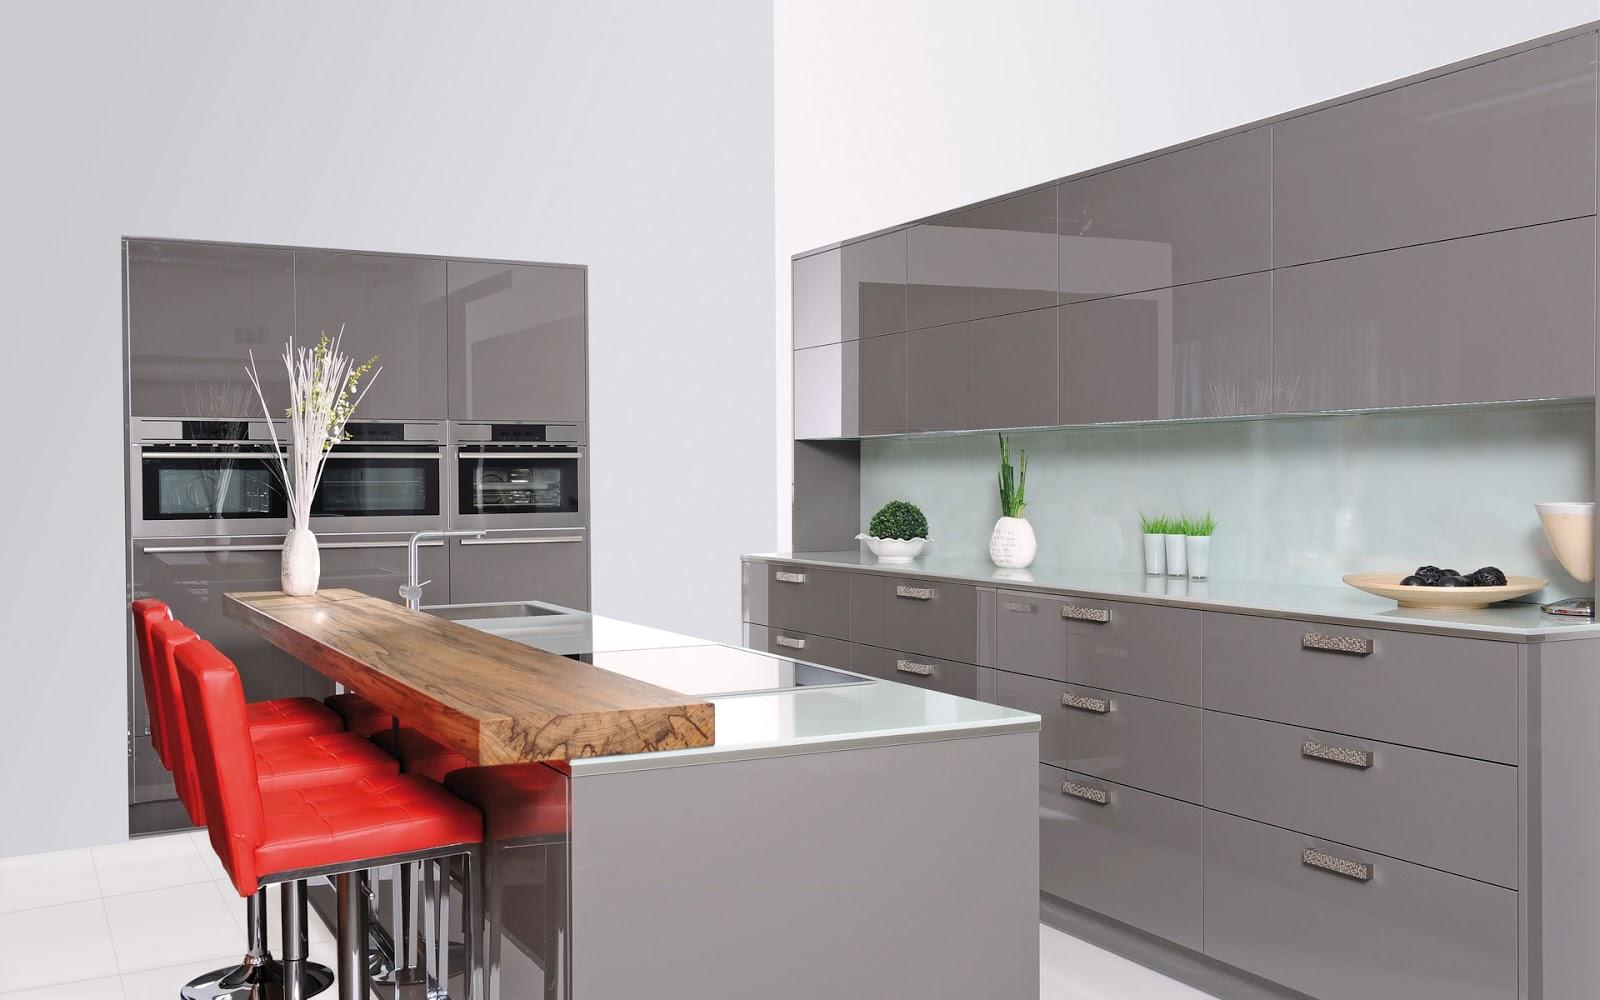 30 ideas de mesas y barras para comer en la cocina - Altura encimera cocina ...